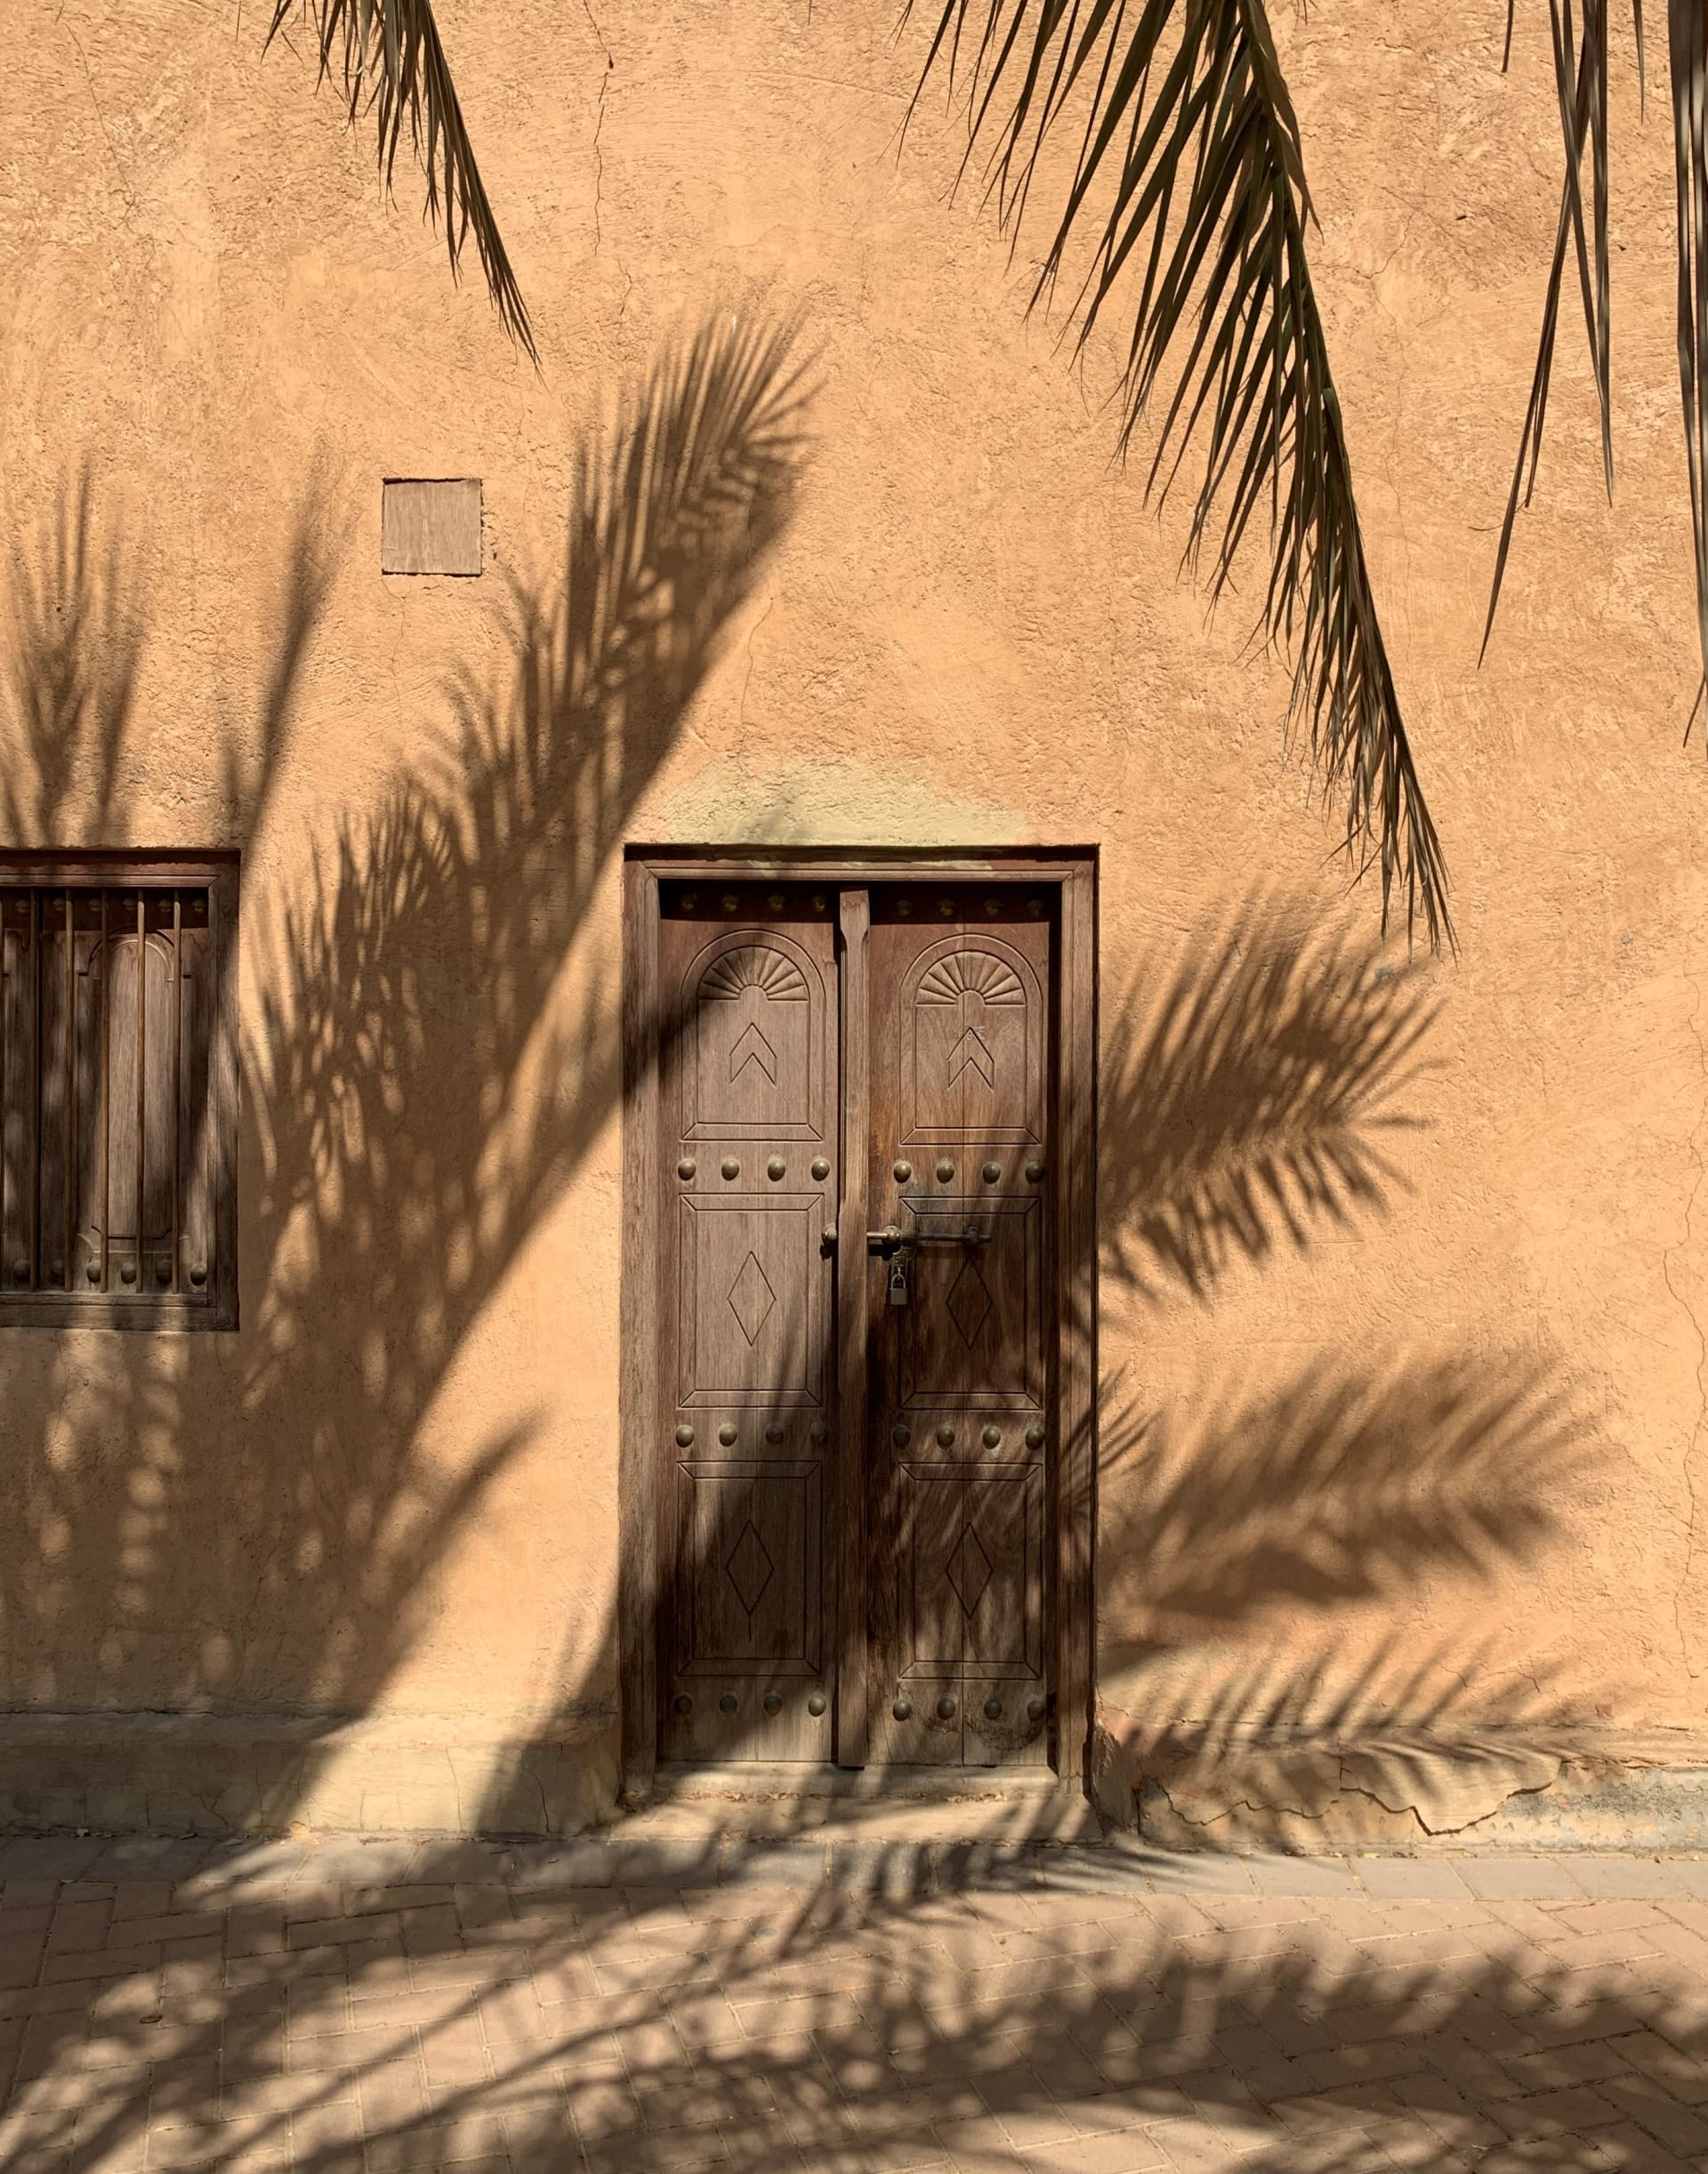 أبواب من حول العالم